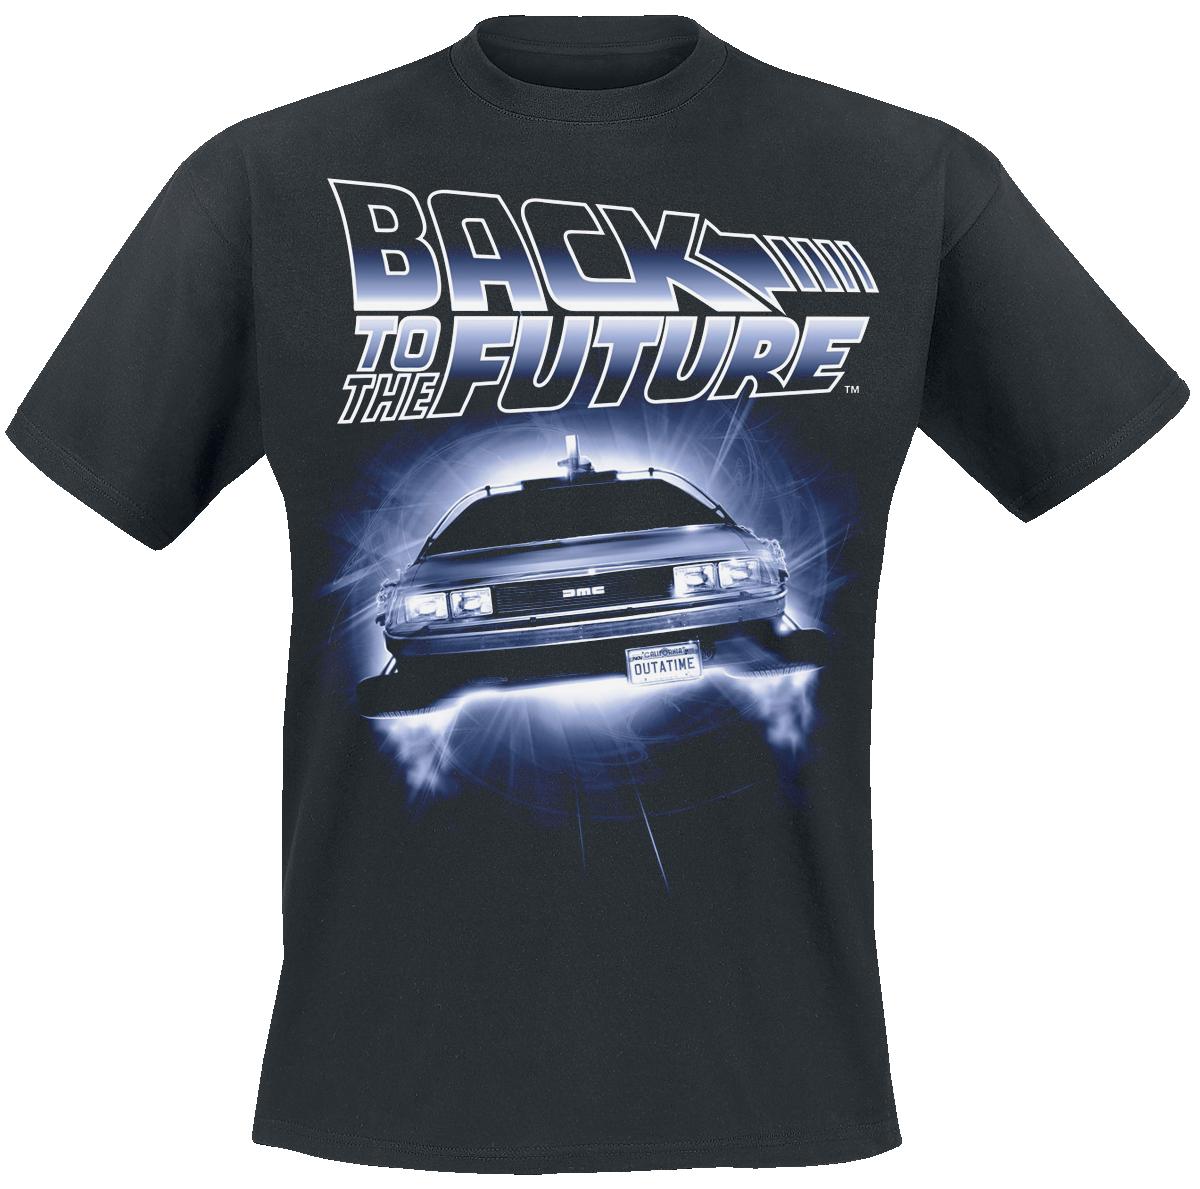 Zurück in die Zukunft - Flying Delorean - T-Shirt - schwarz